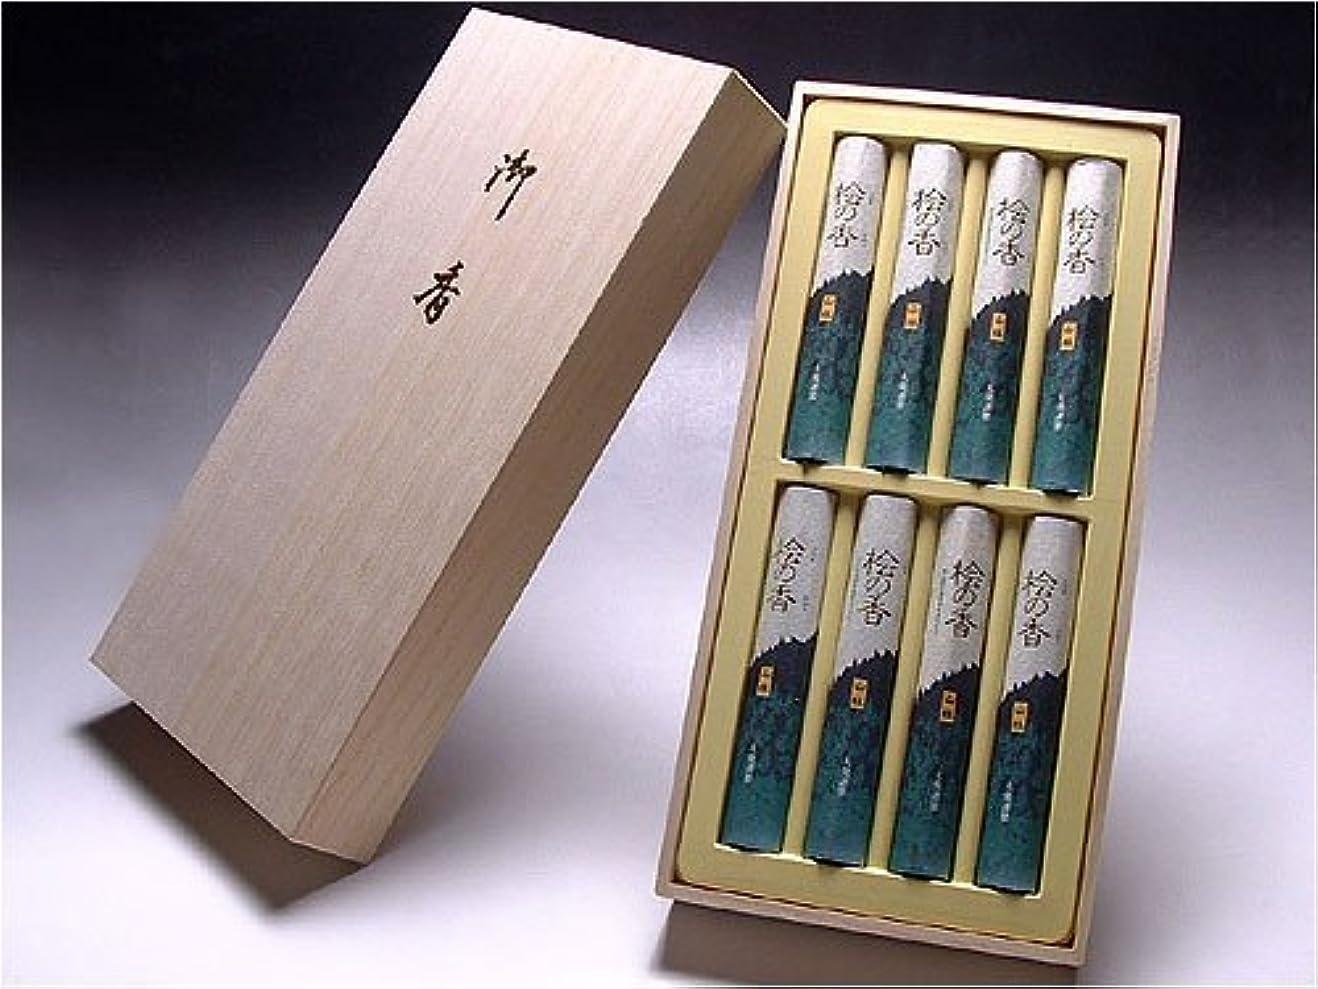 納屋些細な条約大発のお線香ギフト 桧の香り 短寸 8把入